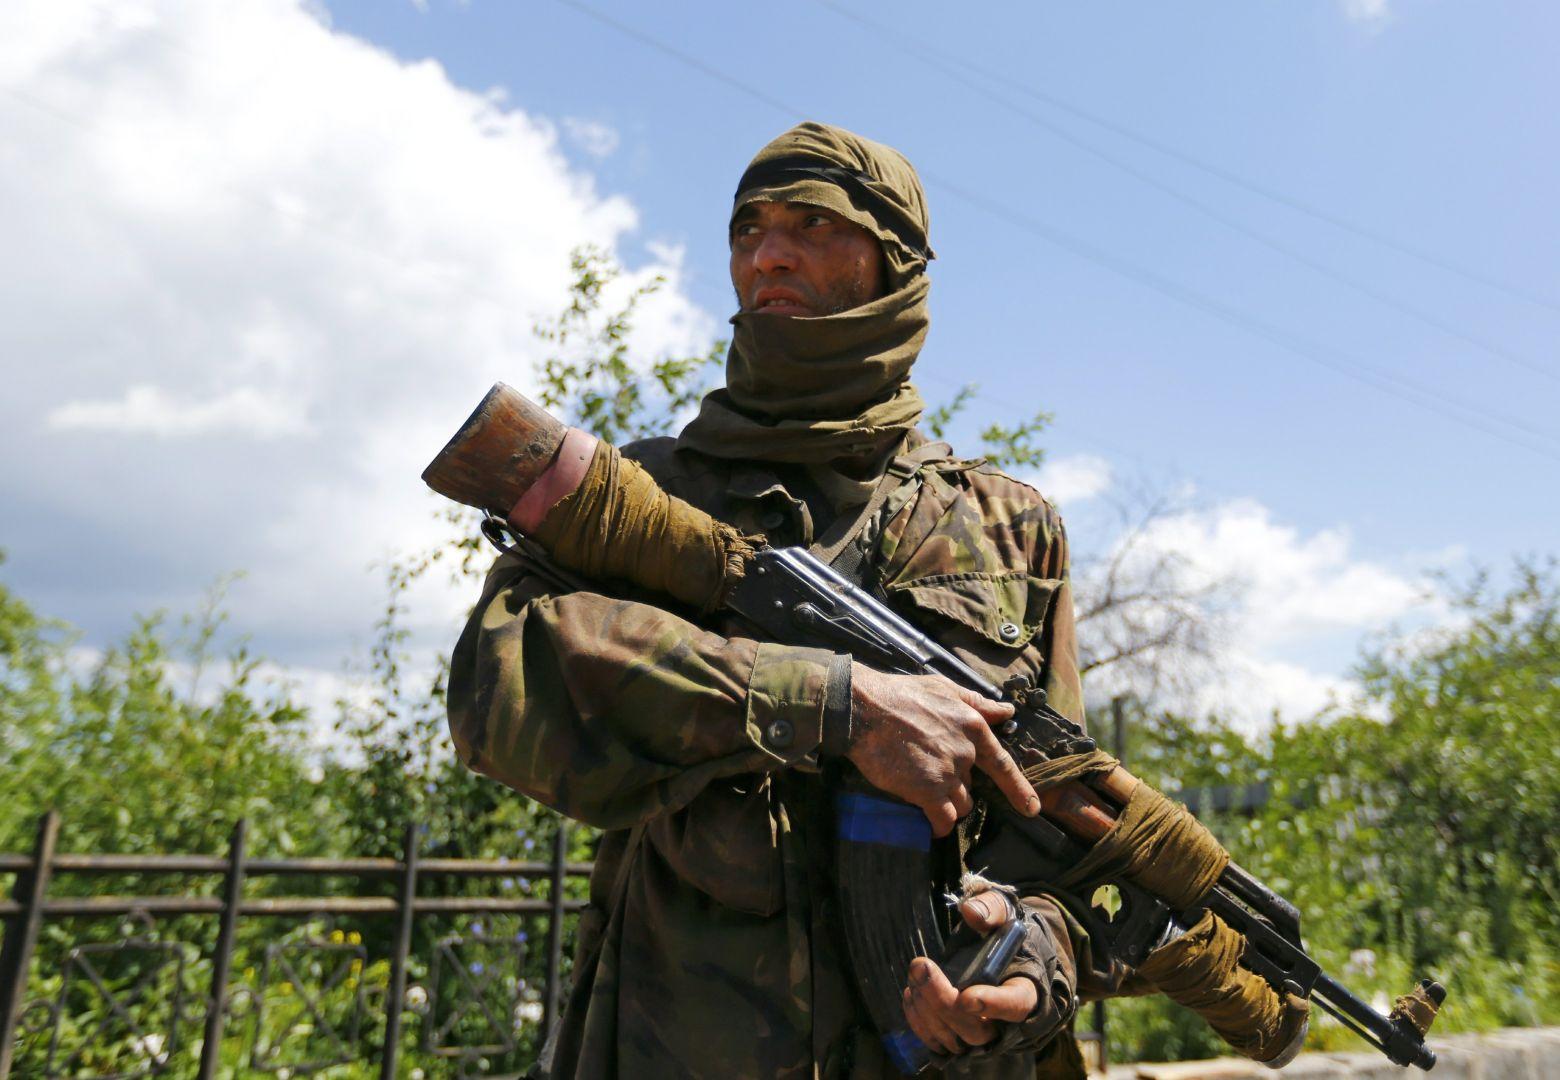 Что делает на Украине «боец из Узбекистана»?